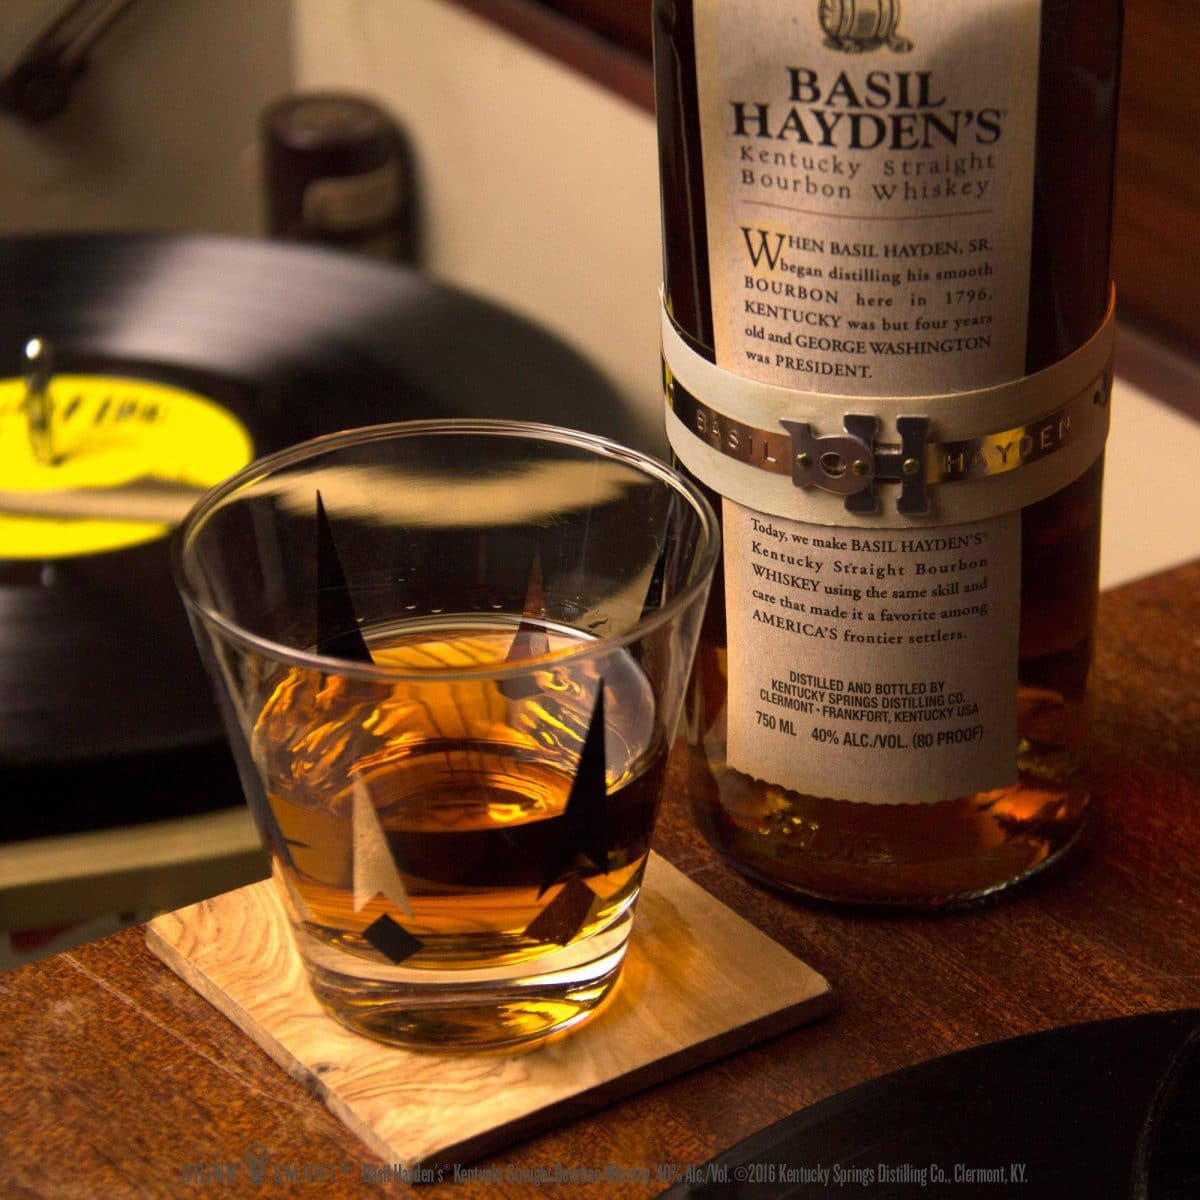 Basil Hayden'sunveils Dark Rye Bourbon photo